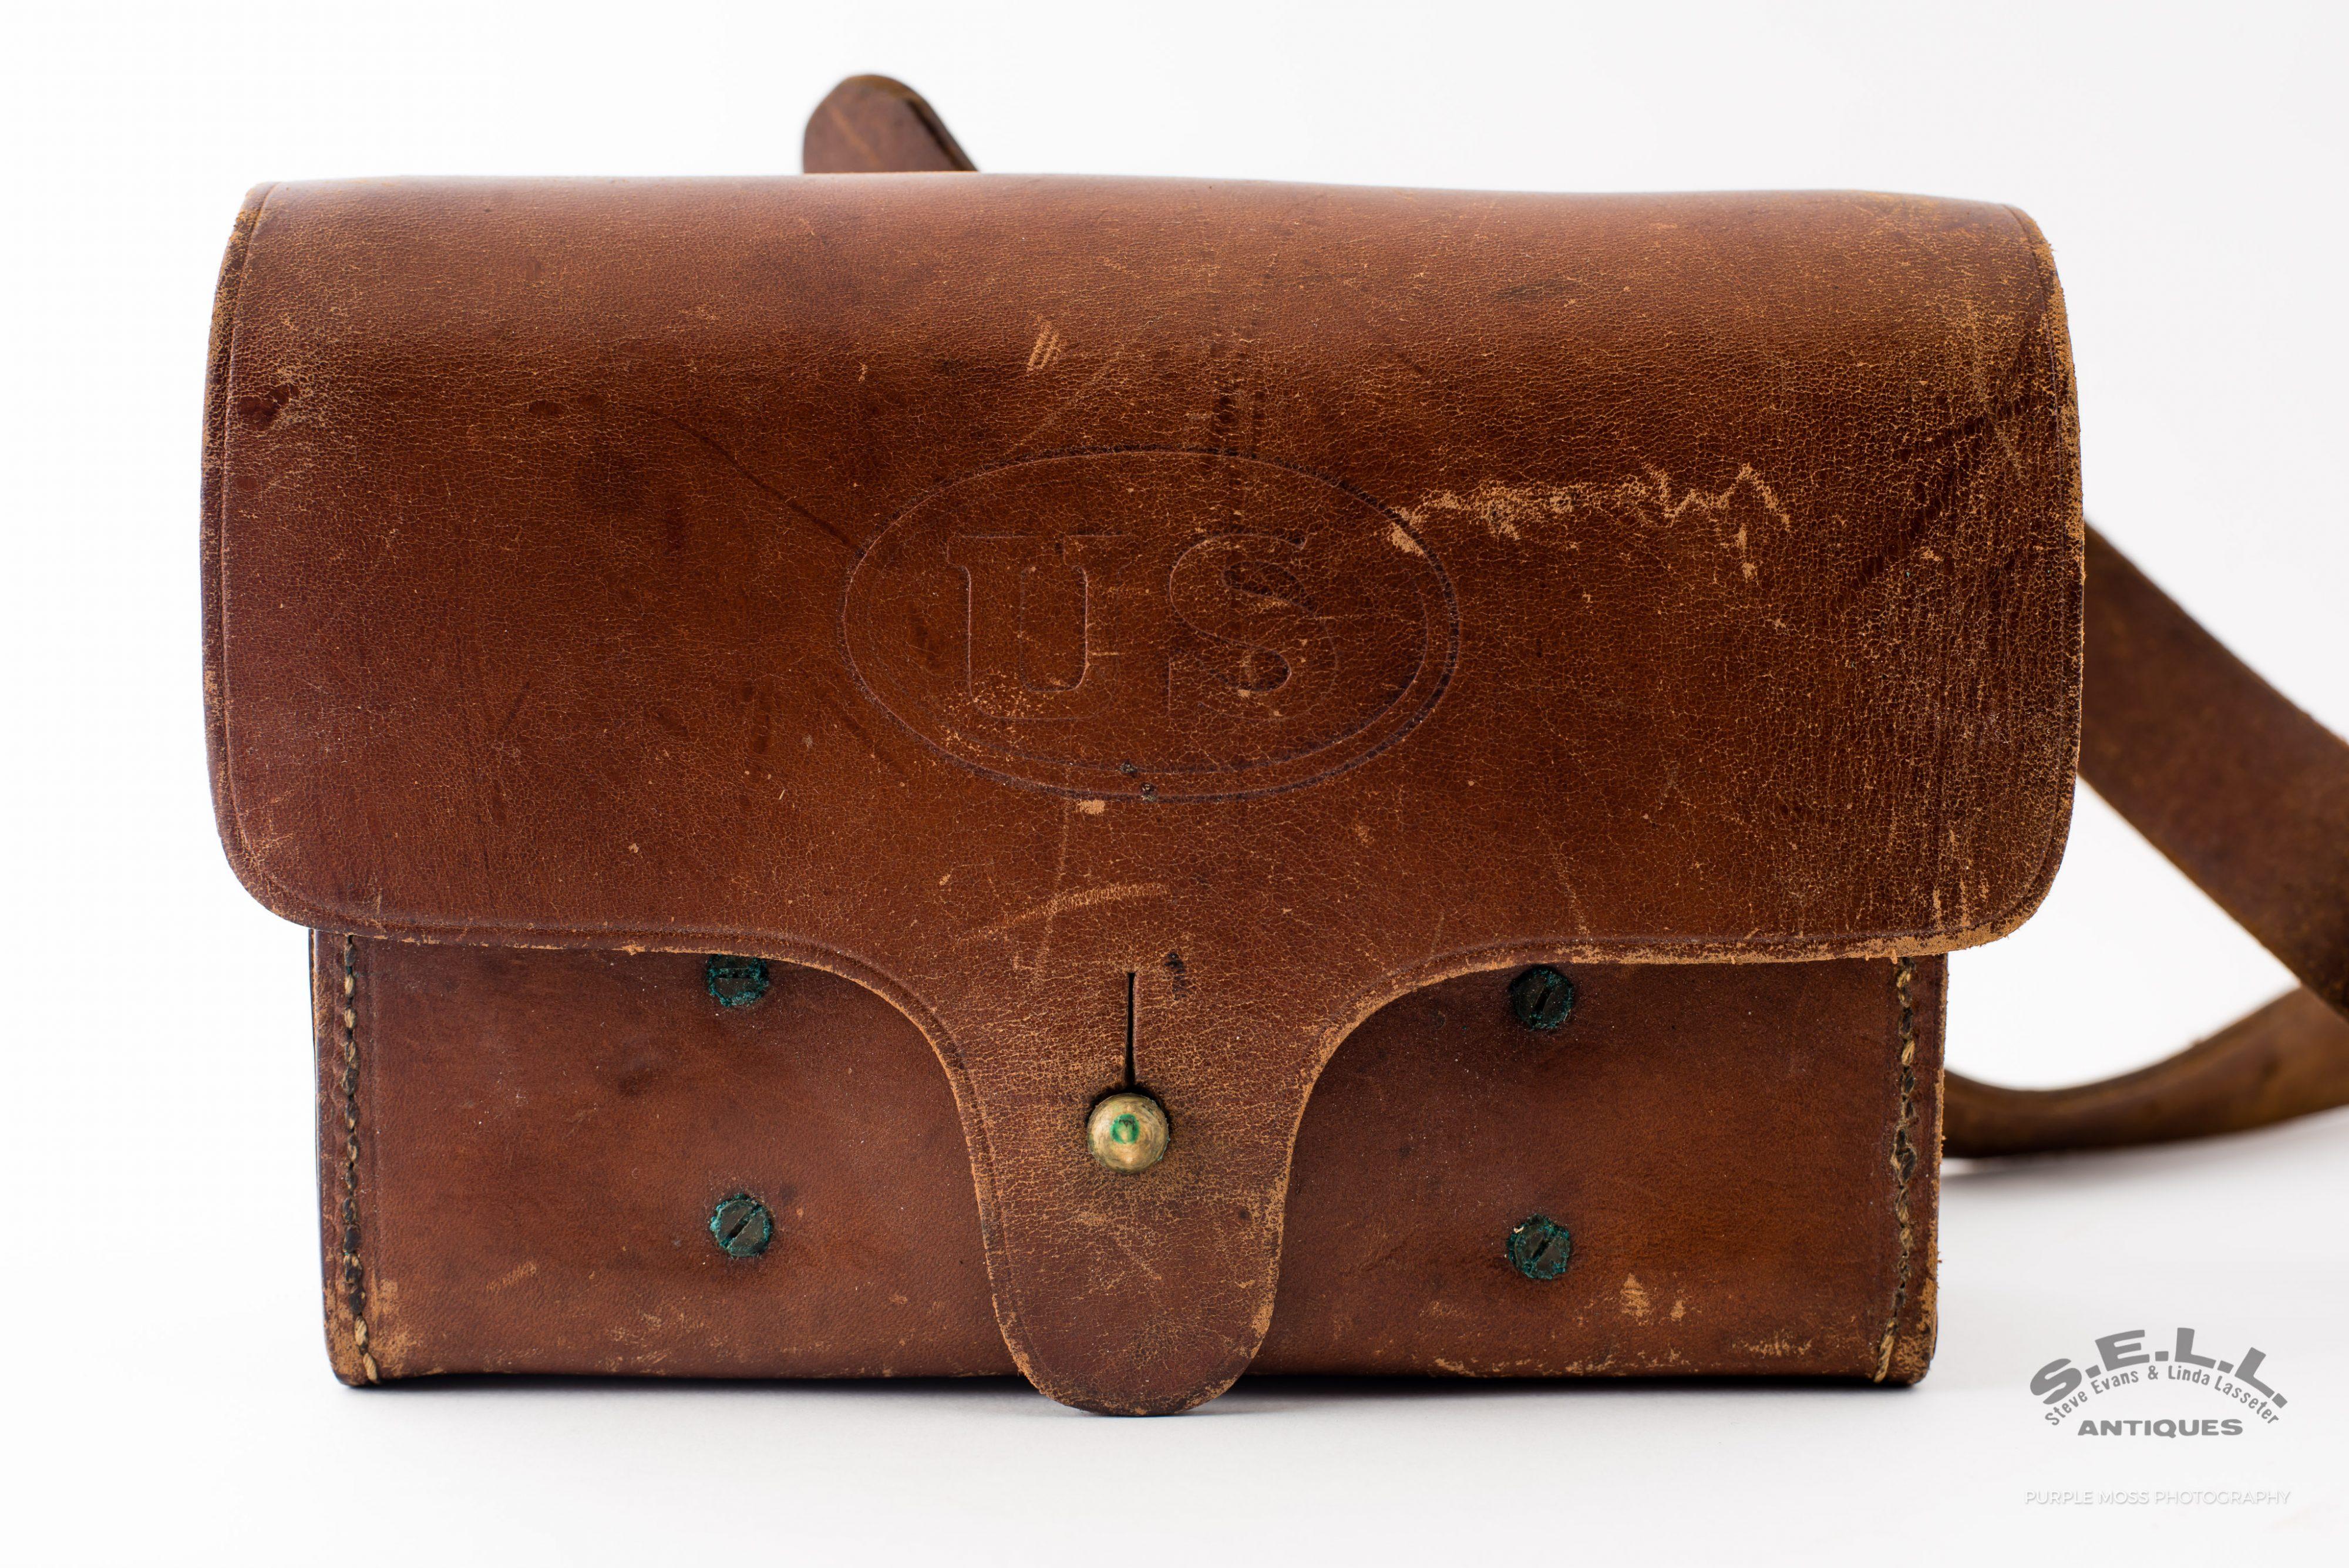 hotchkiss artillery fuse primer pouch s e l l antiques rh sellantiquearms com House Fuse Box Fuse Types